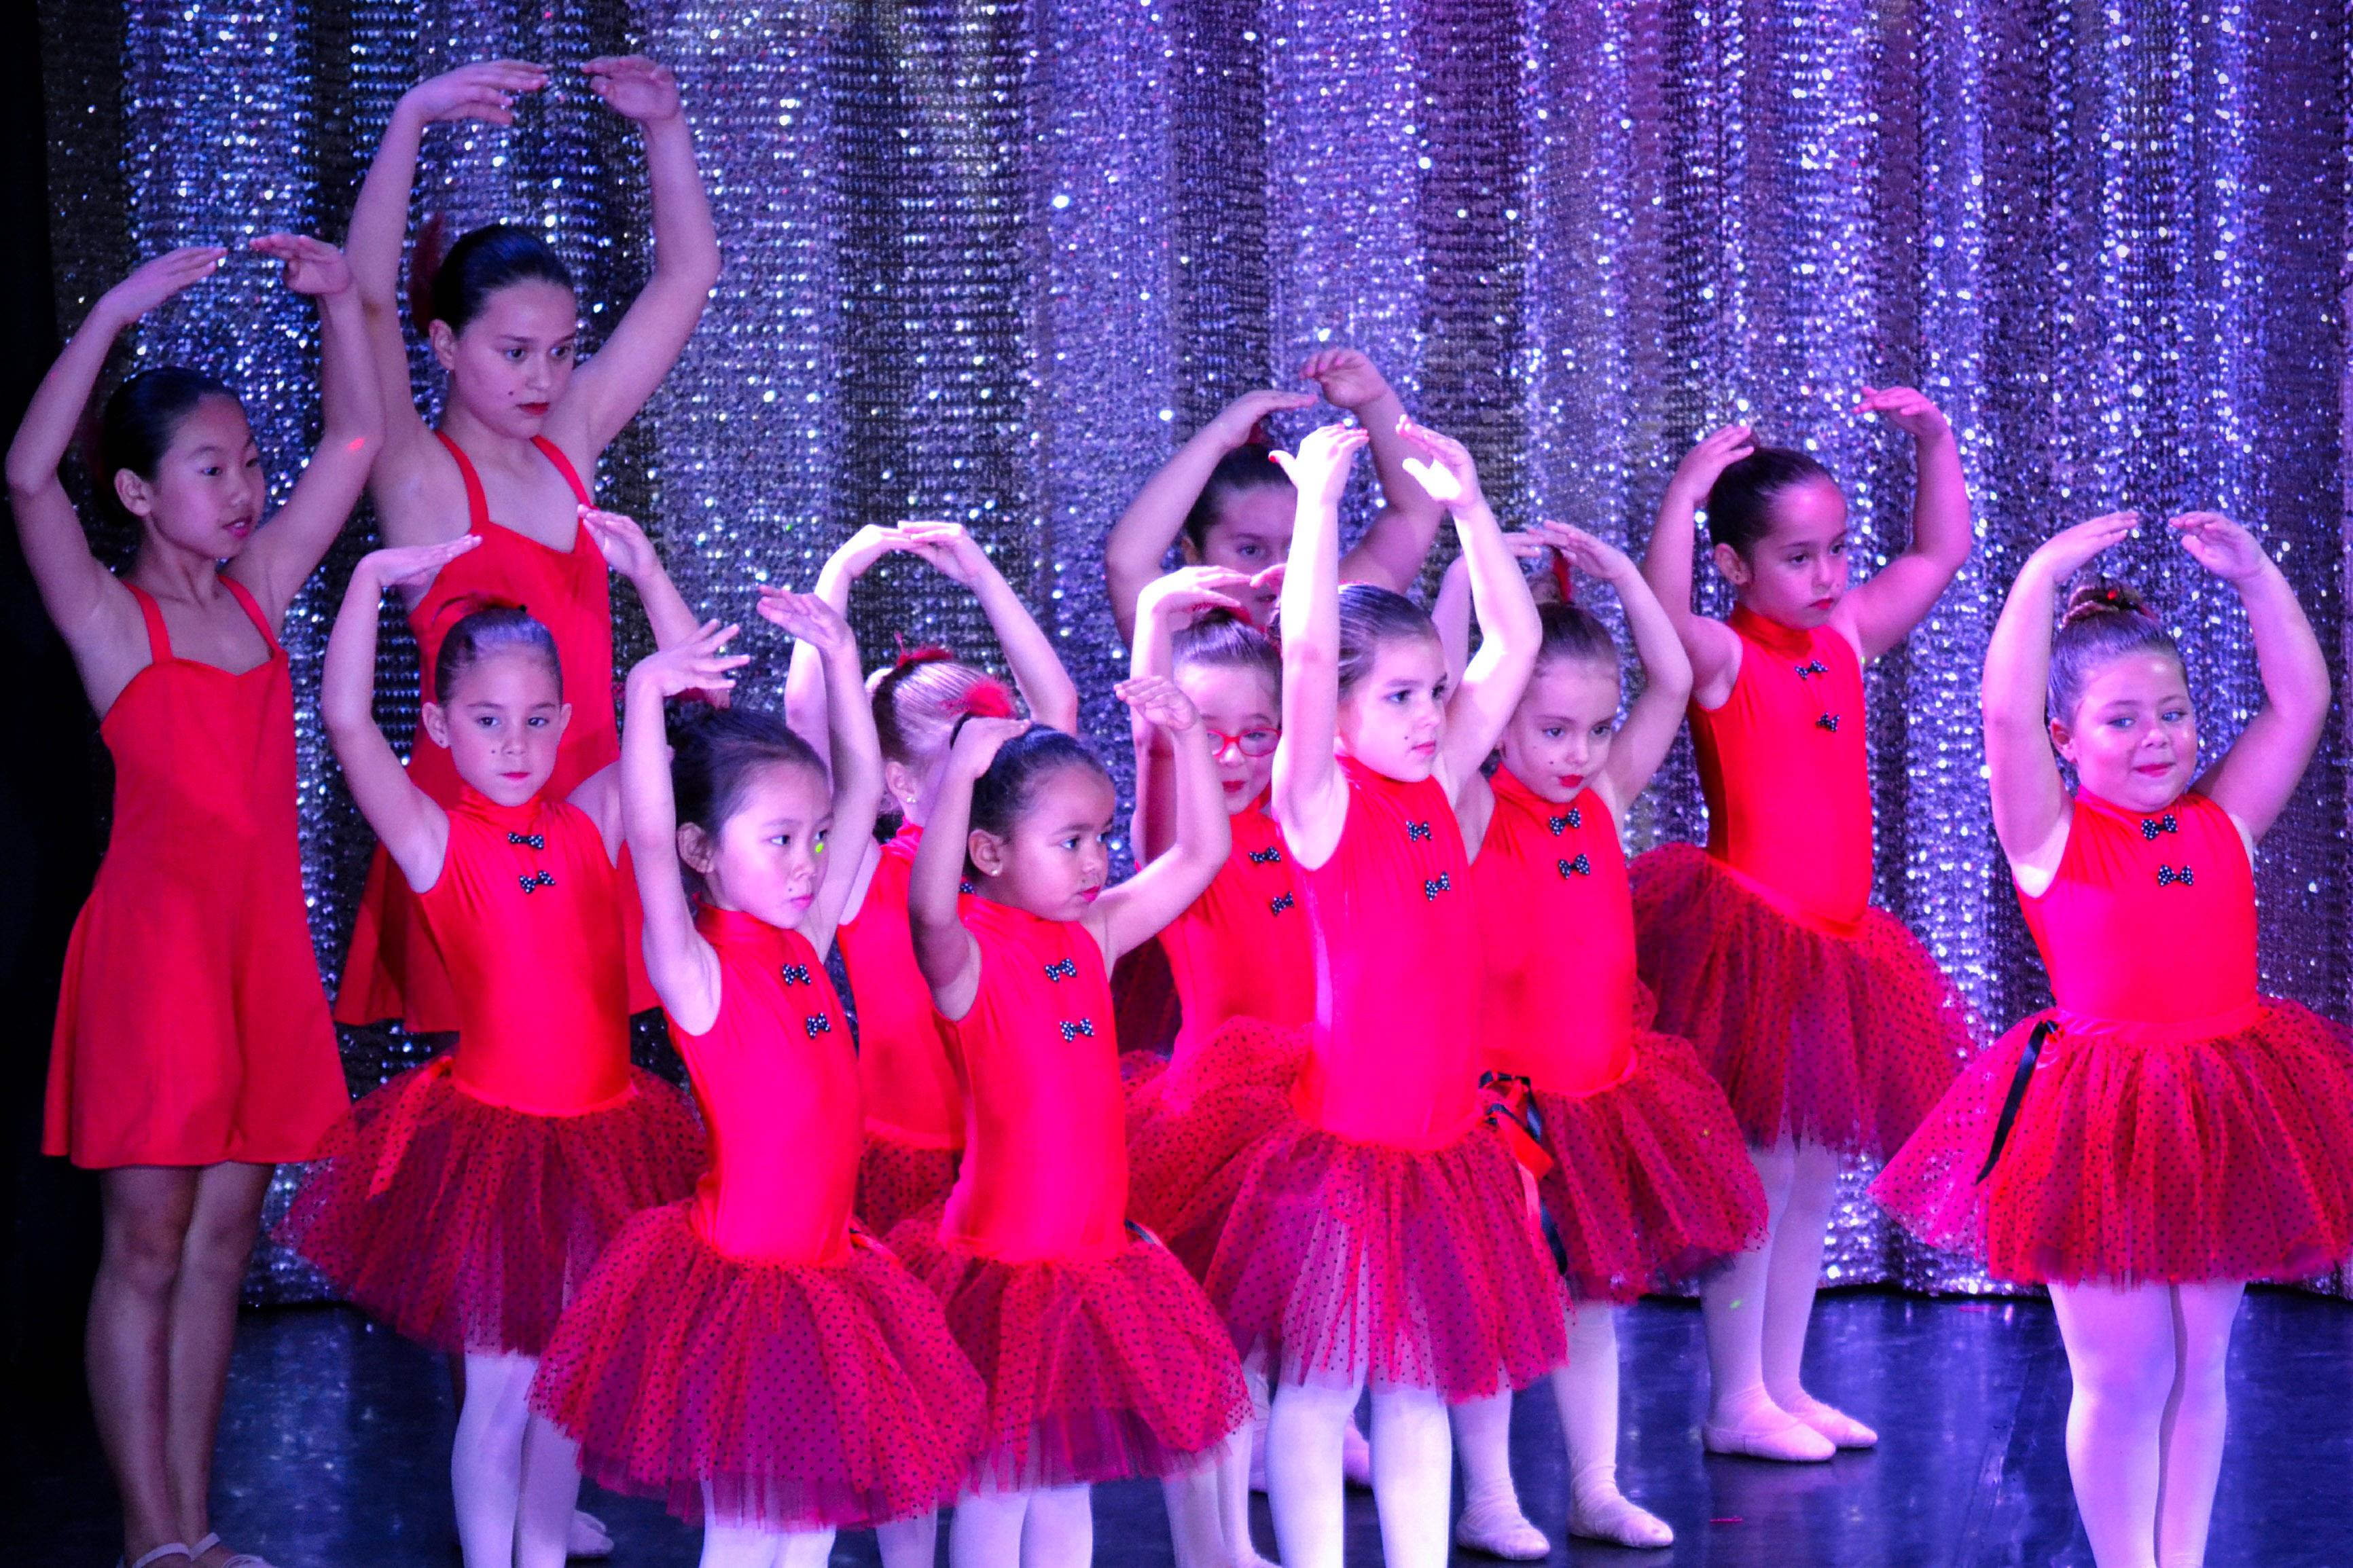 Linea-de-Baile-festival-verano-2015-clases-de-baile-valencia-139